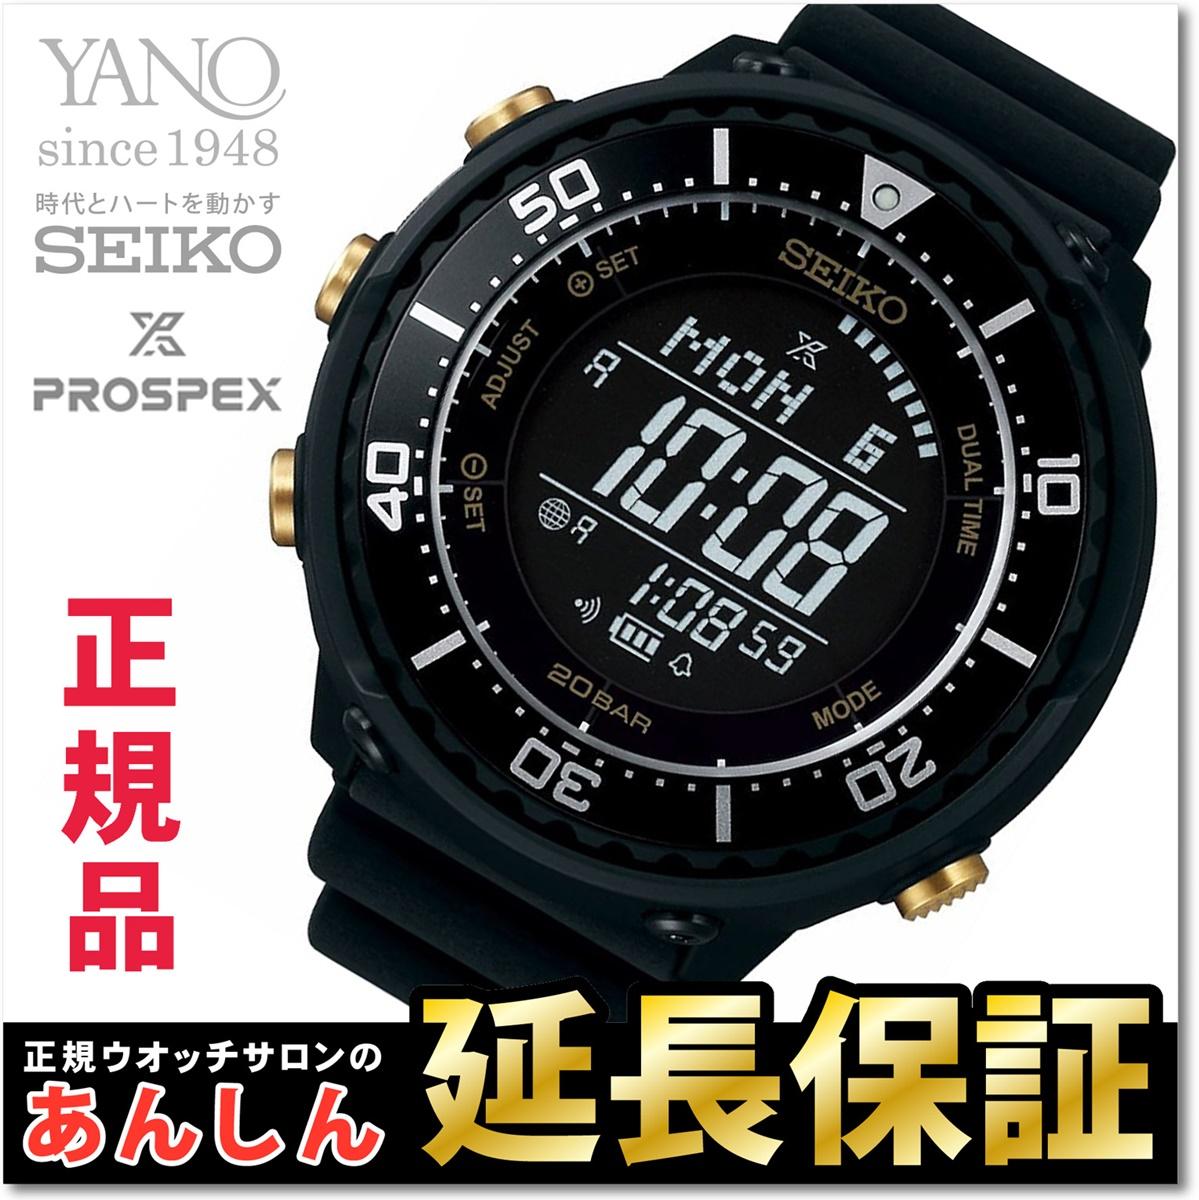 セイコー プロスペックス SBEP005 LOWERCASE ソーラー デジタル メンズ 腕時計 SEIKO PROSPEX 【0518】_10spl